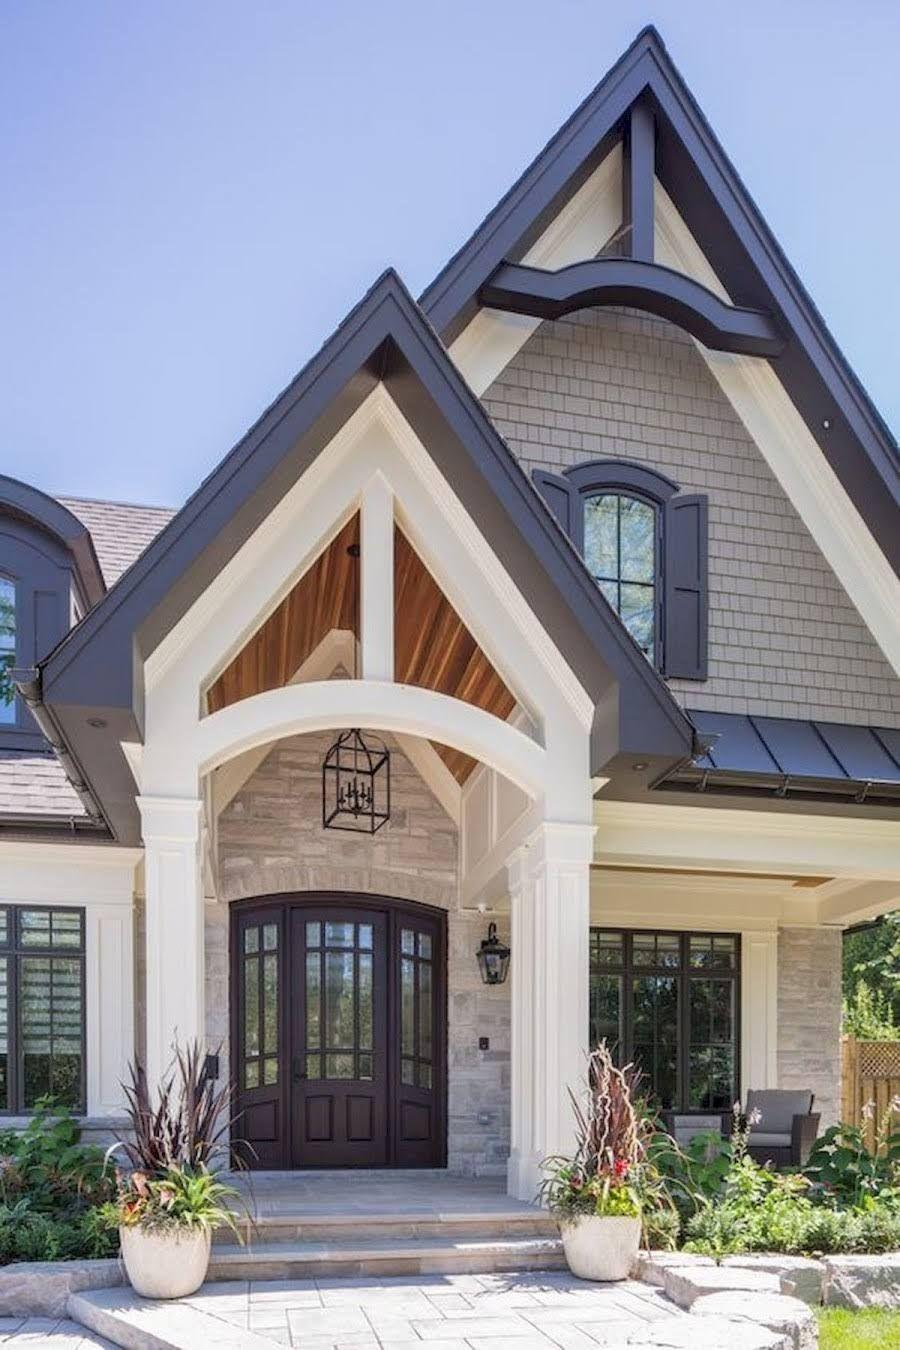 Luxury Homes Ideas Exterior 2020 画像あり 玄関